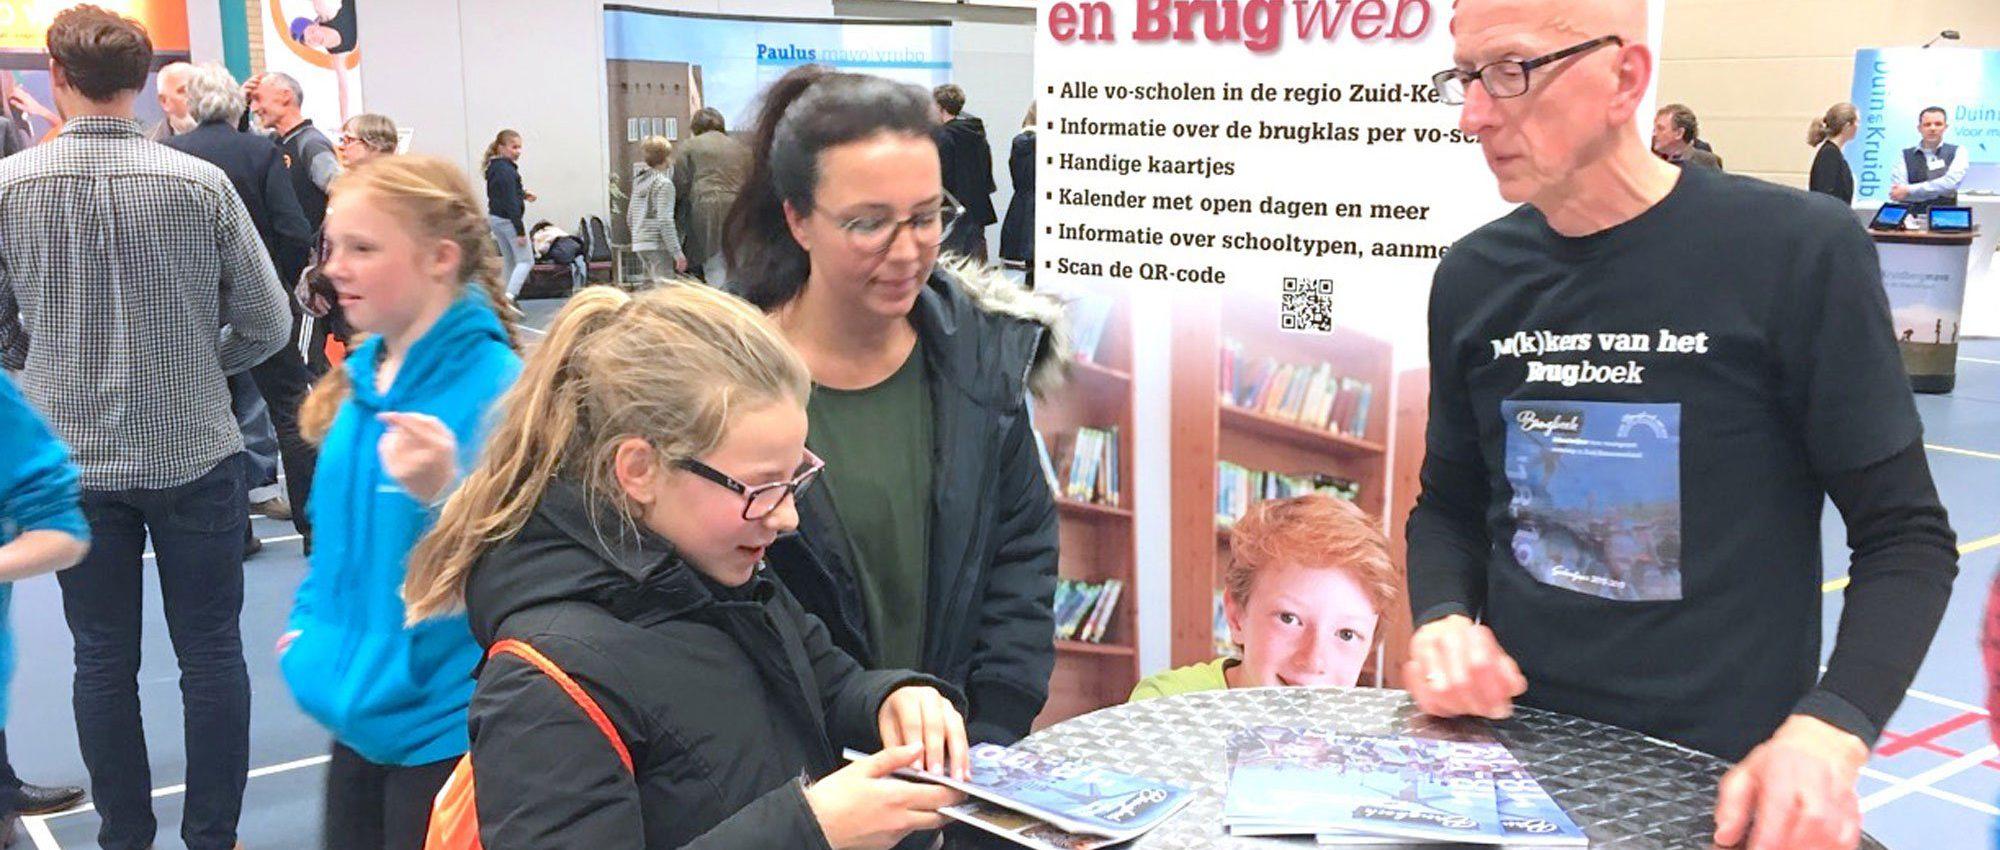 Tom-de-Hoog-op-Onderwijsmarkt-Haarlem-november-2017